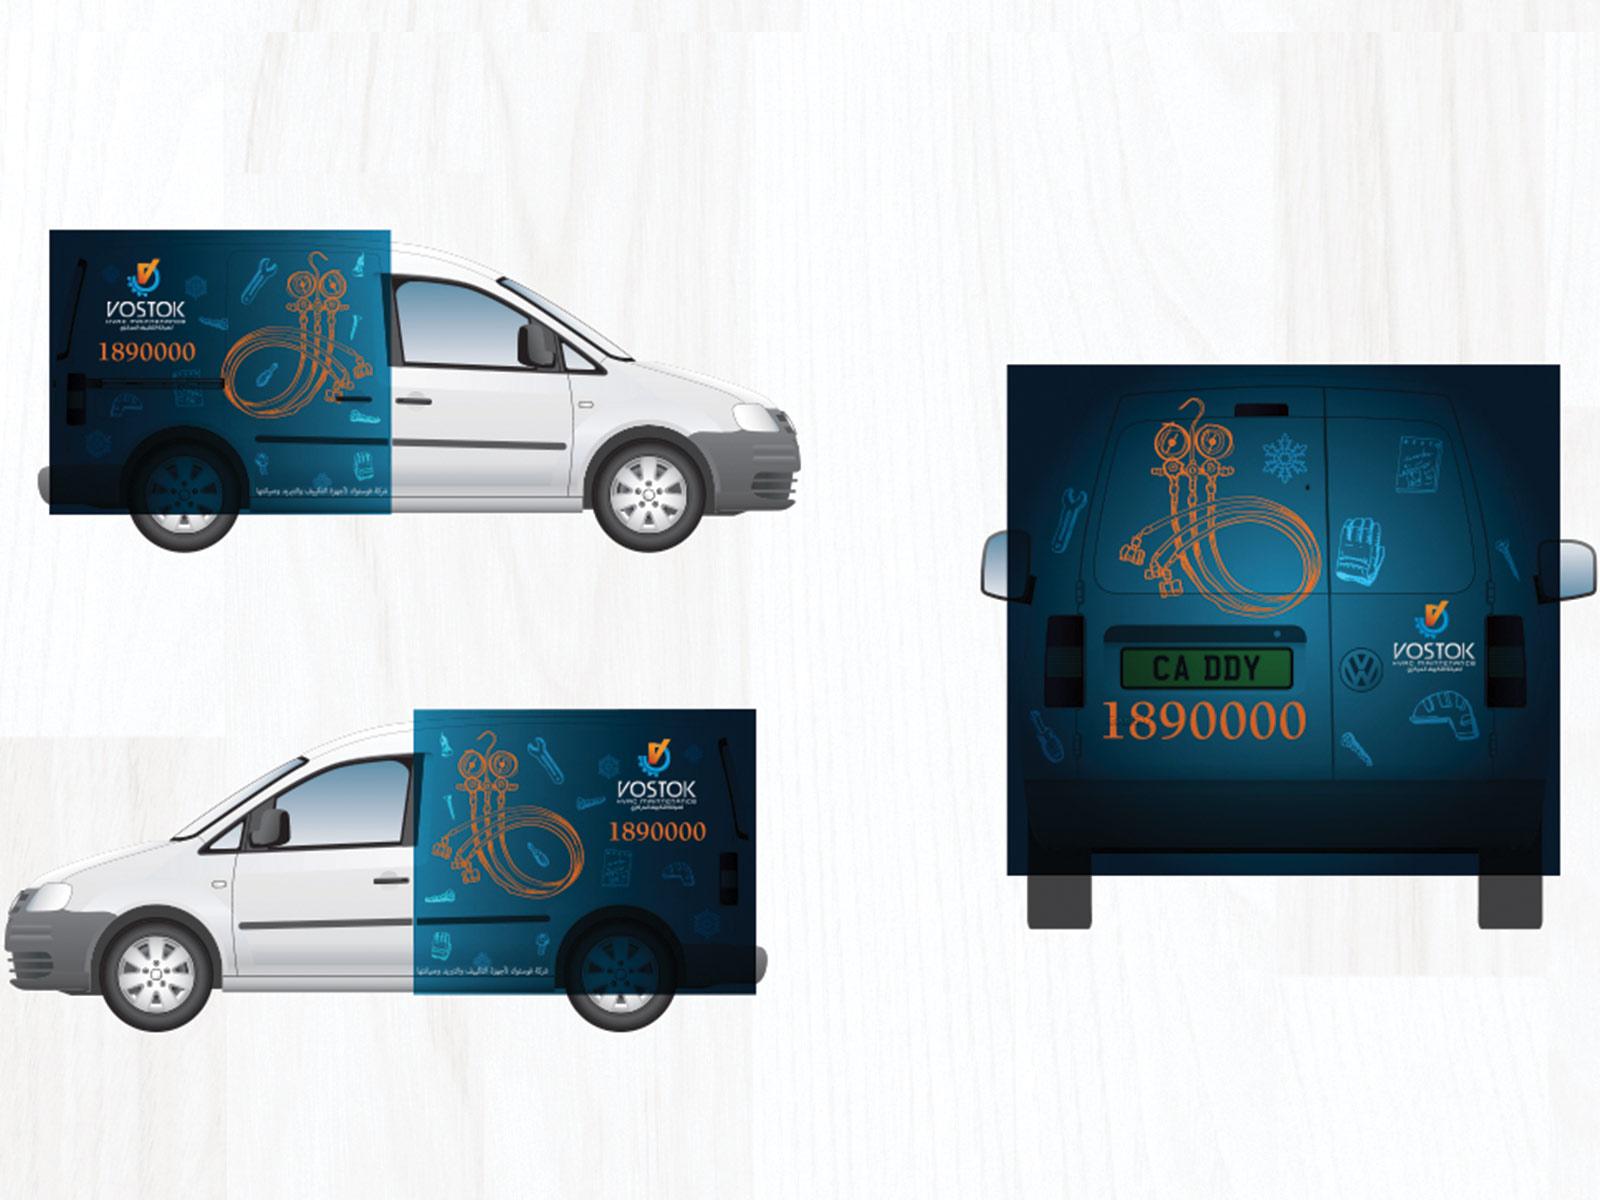 inkservice-ourwork-car-2-kuwait